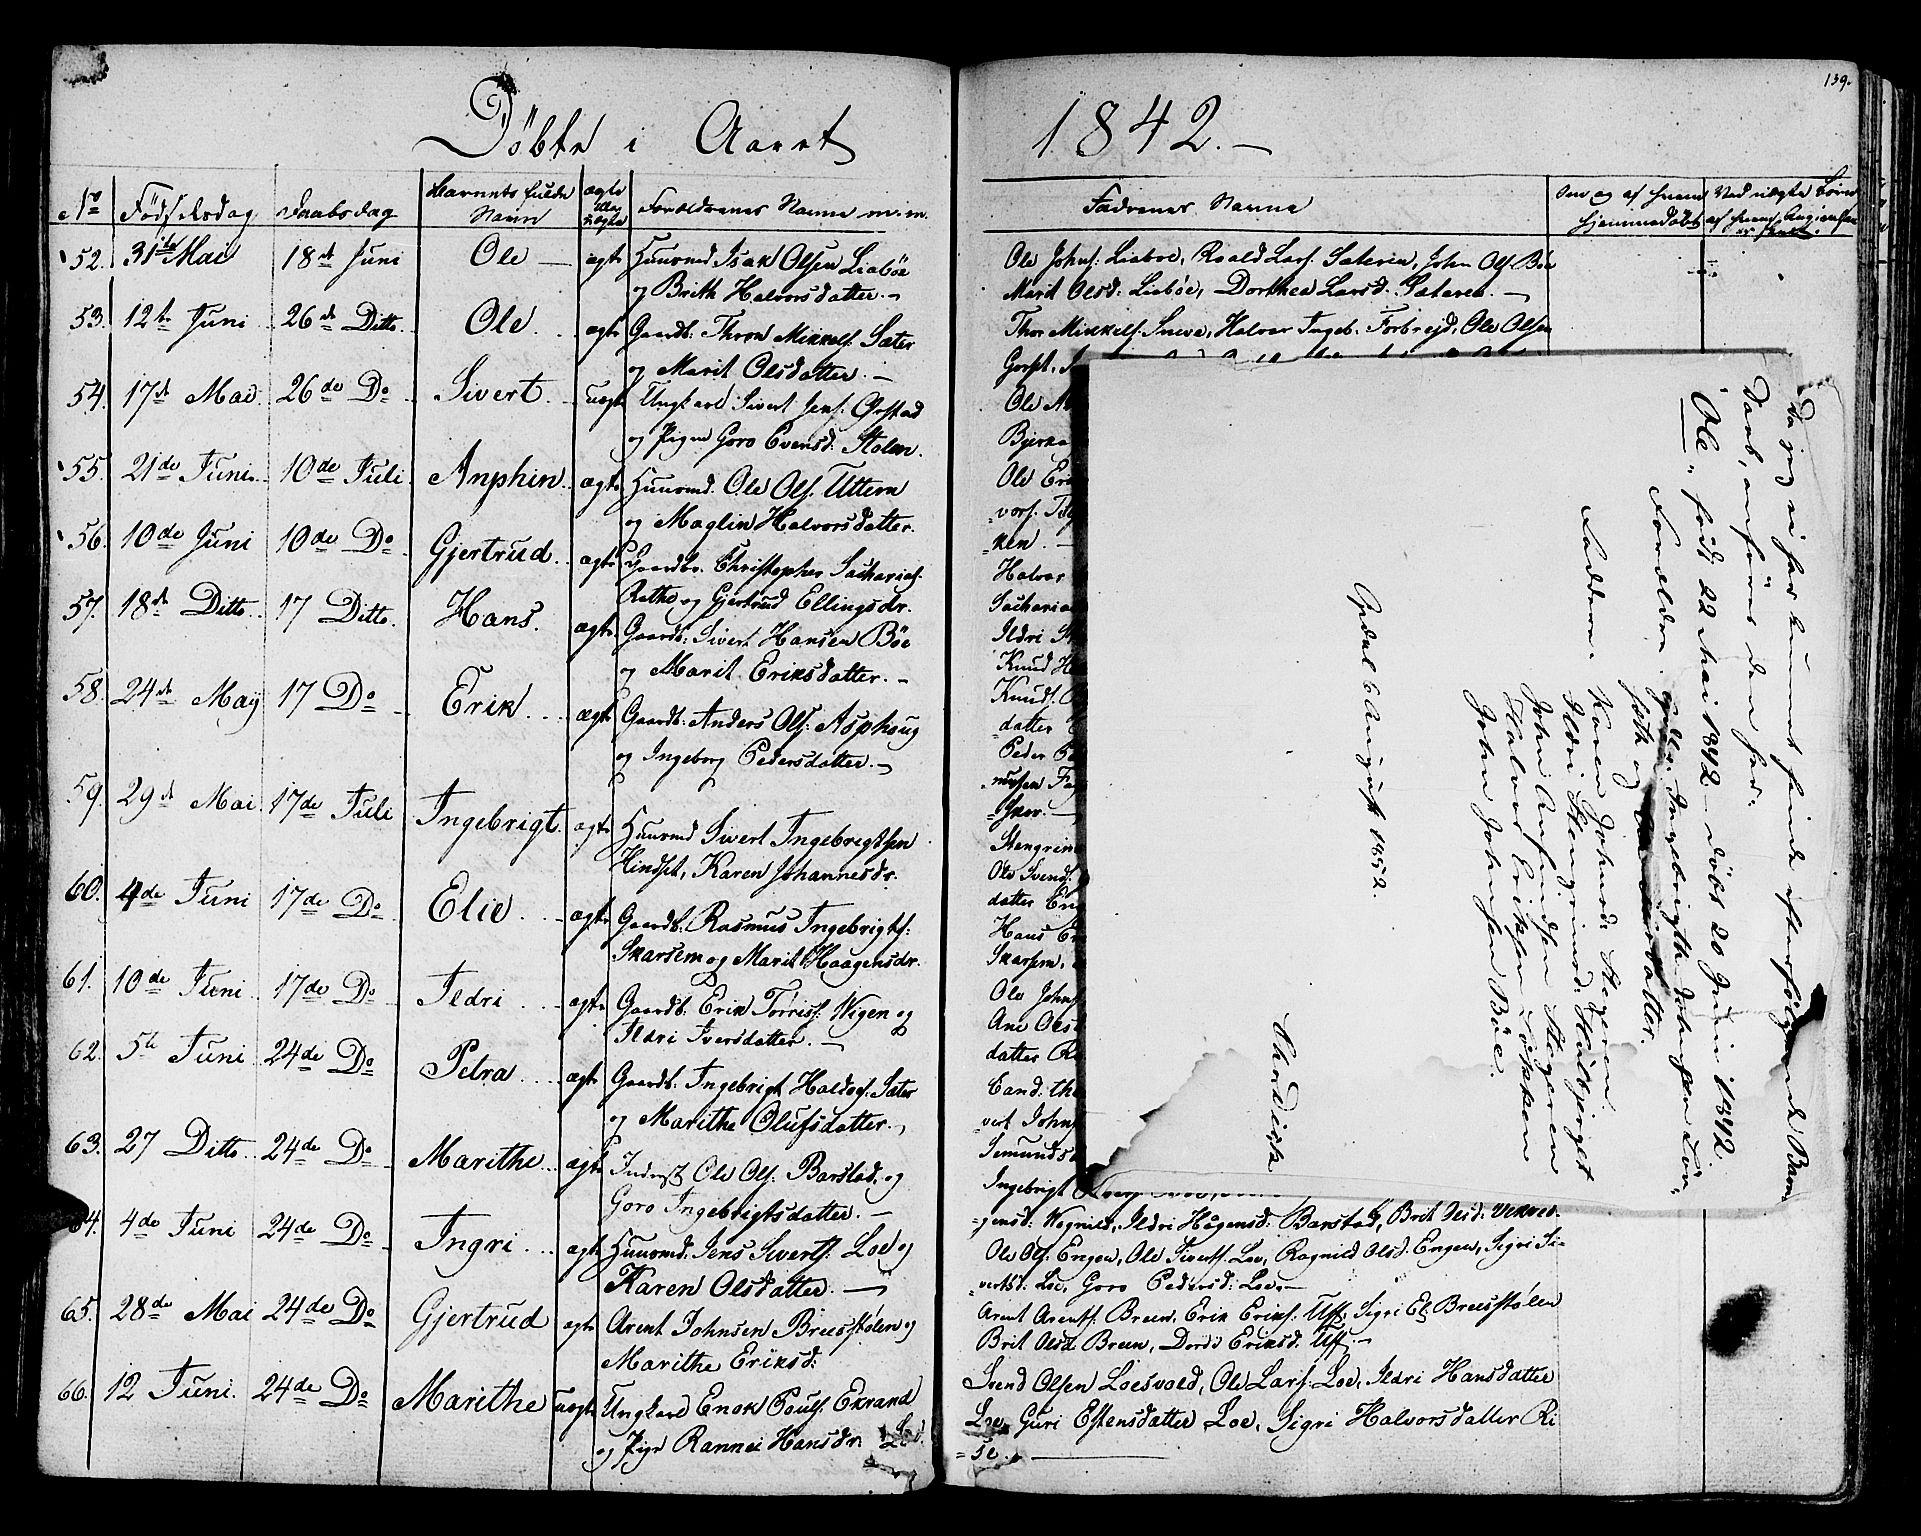 SAT, Ministerialprotokoller, klokkerbøker og fødselsregistre - Sør-Trøndelag, 678/L0897: Ministerialbok nr. 678A06-07, 1821-1847, s. 139